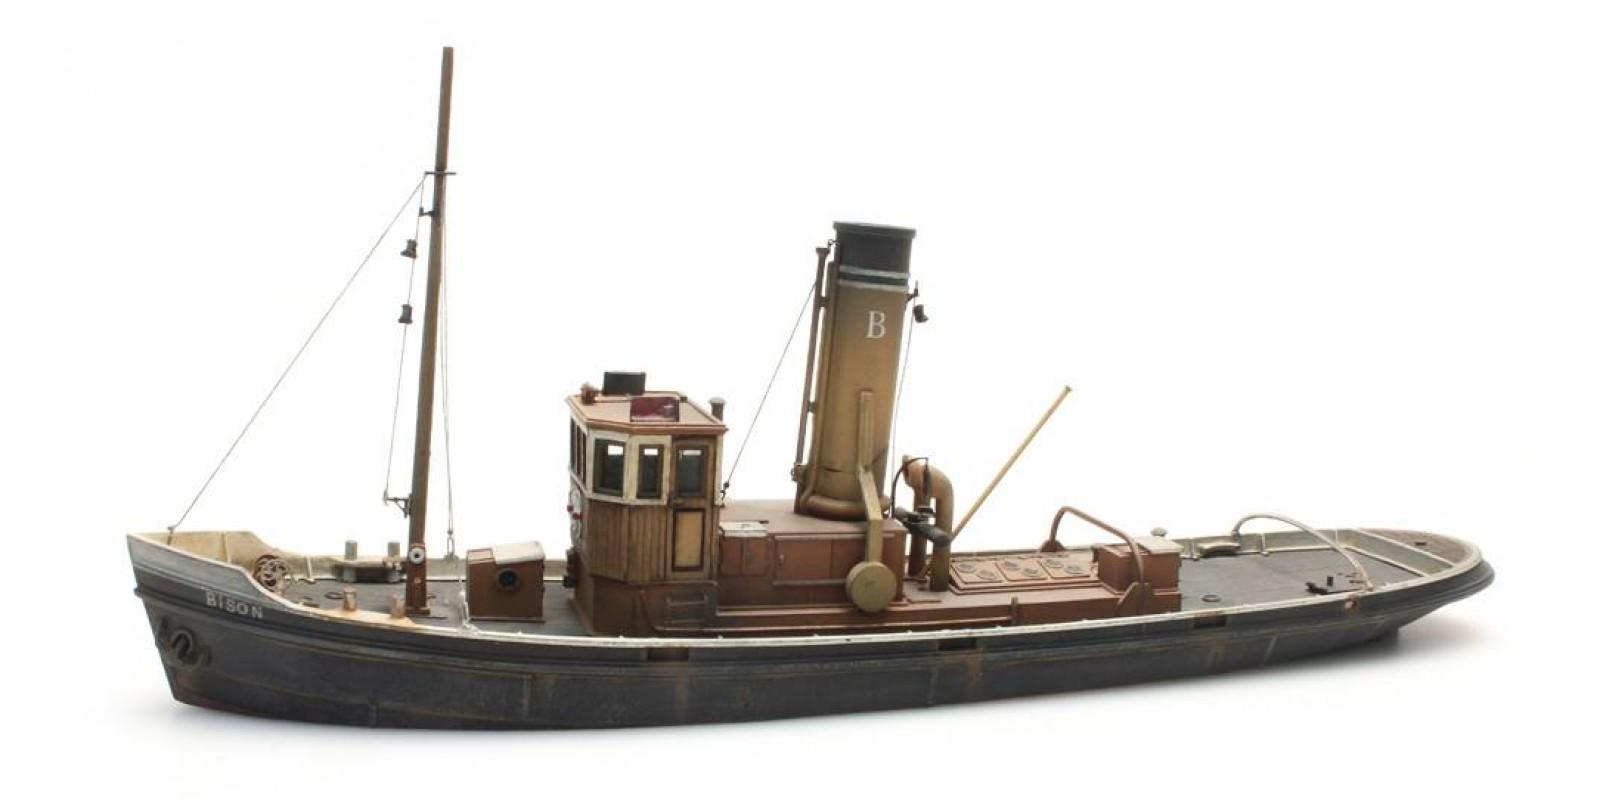 AR50.120 Harbor tug, 1:87 resin kit, unpainted